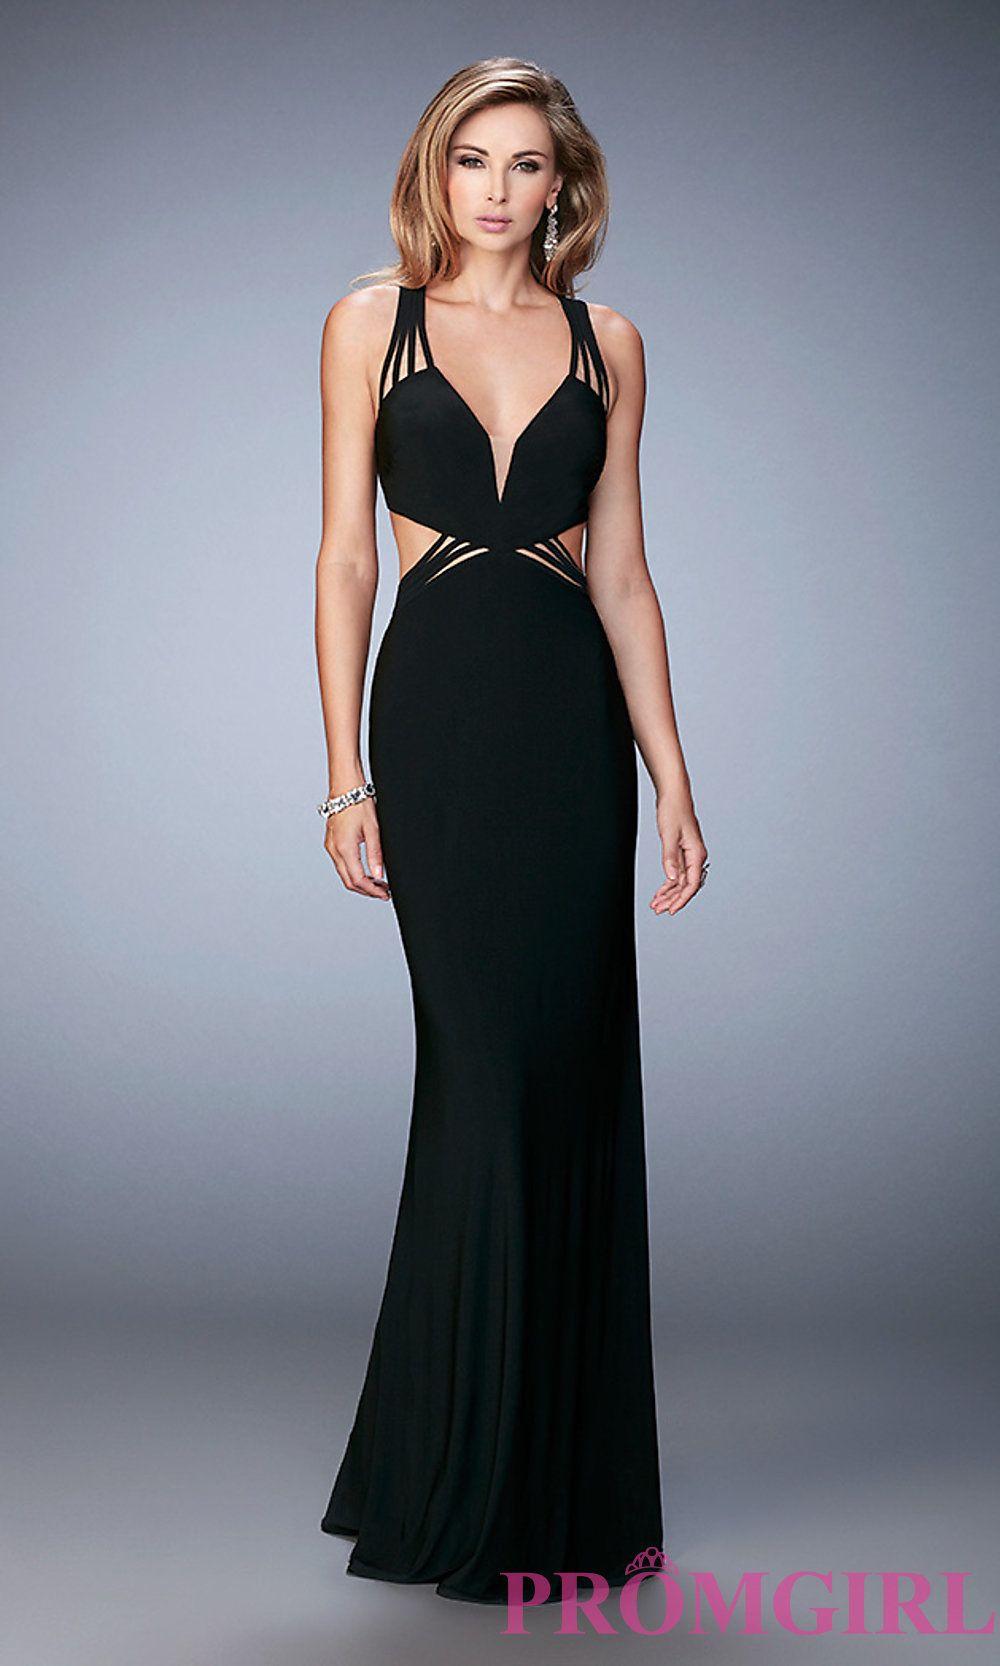 Image Of Floor Length V Neck Sleeveless Open Back Dress Detail Image